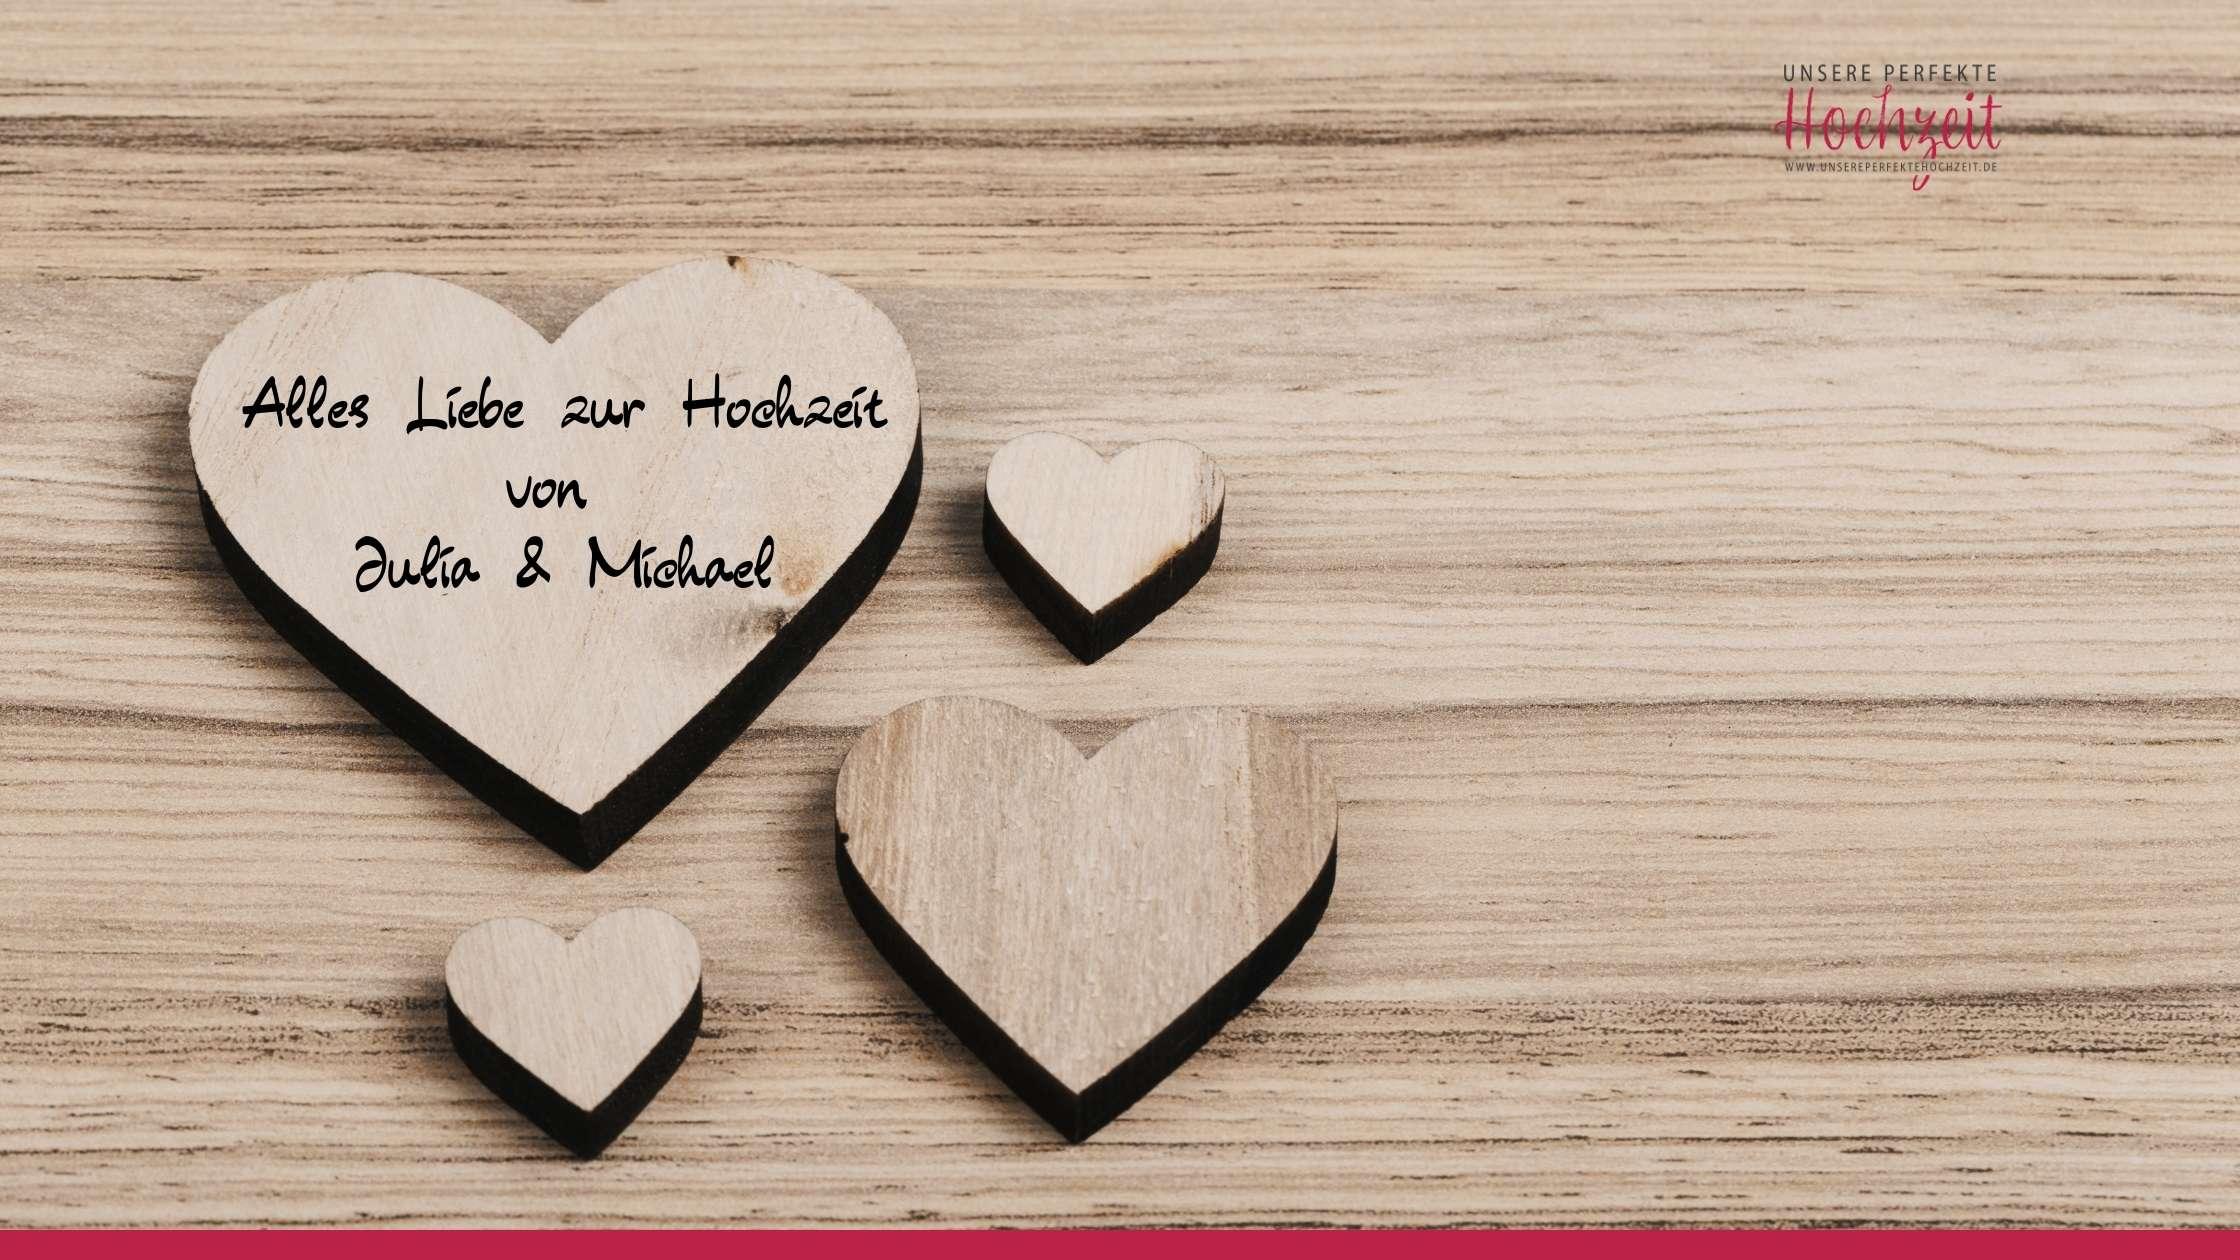 Unsere perfekte Hochzeit - Die 5 schönsten Gästebuch Ideen - Holzherzen im Bilderrahmen